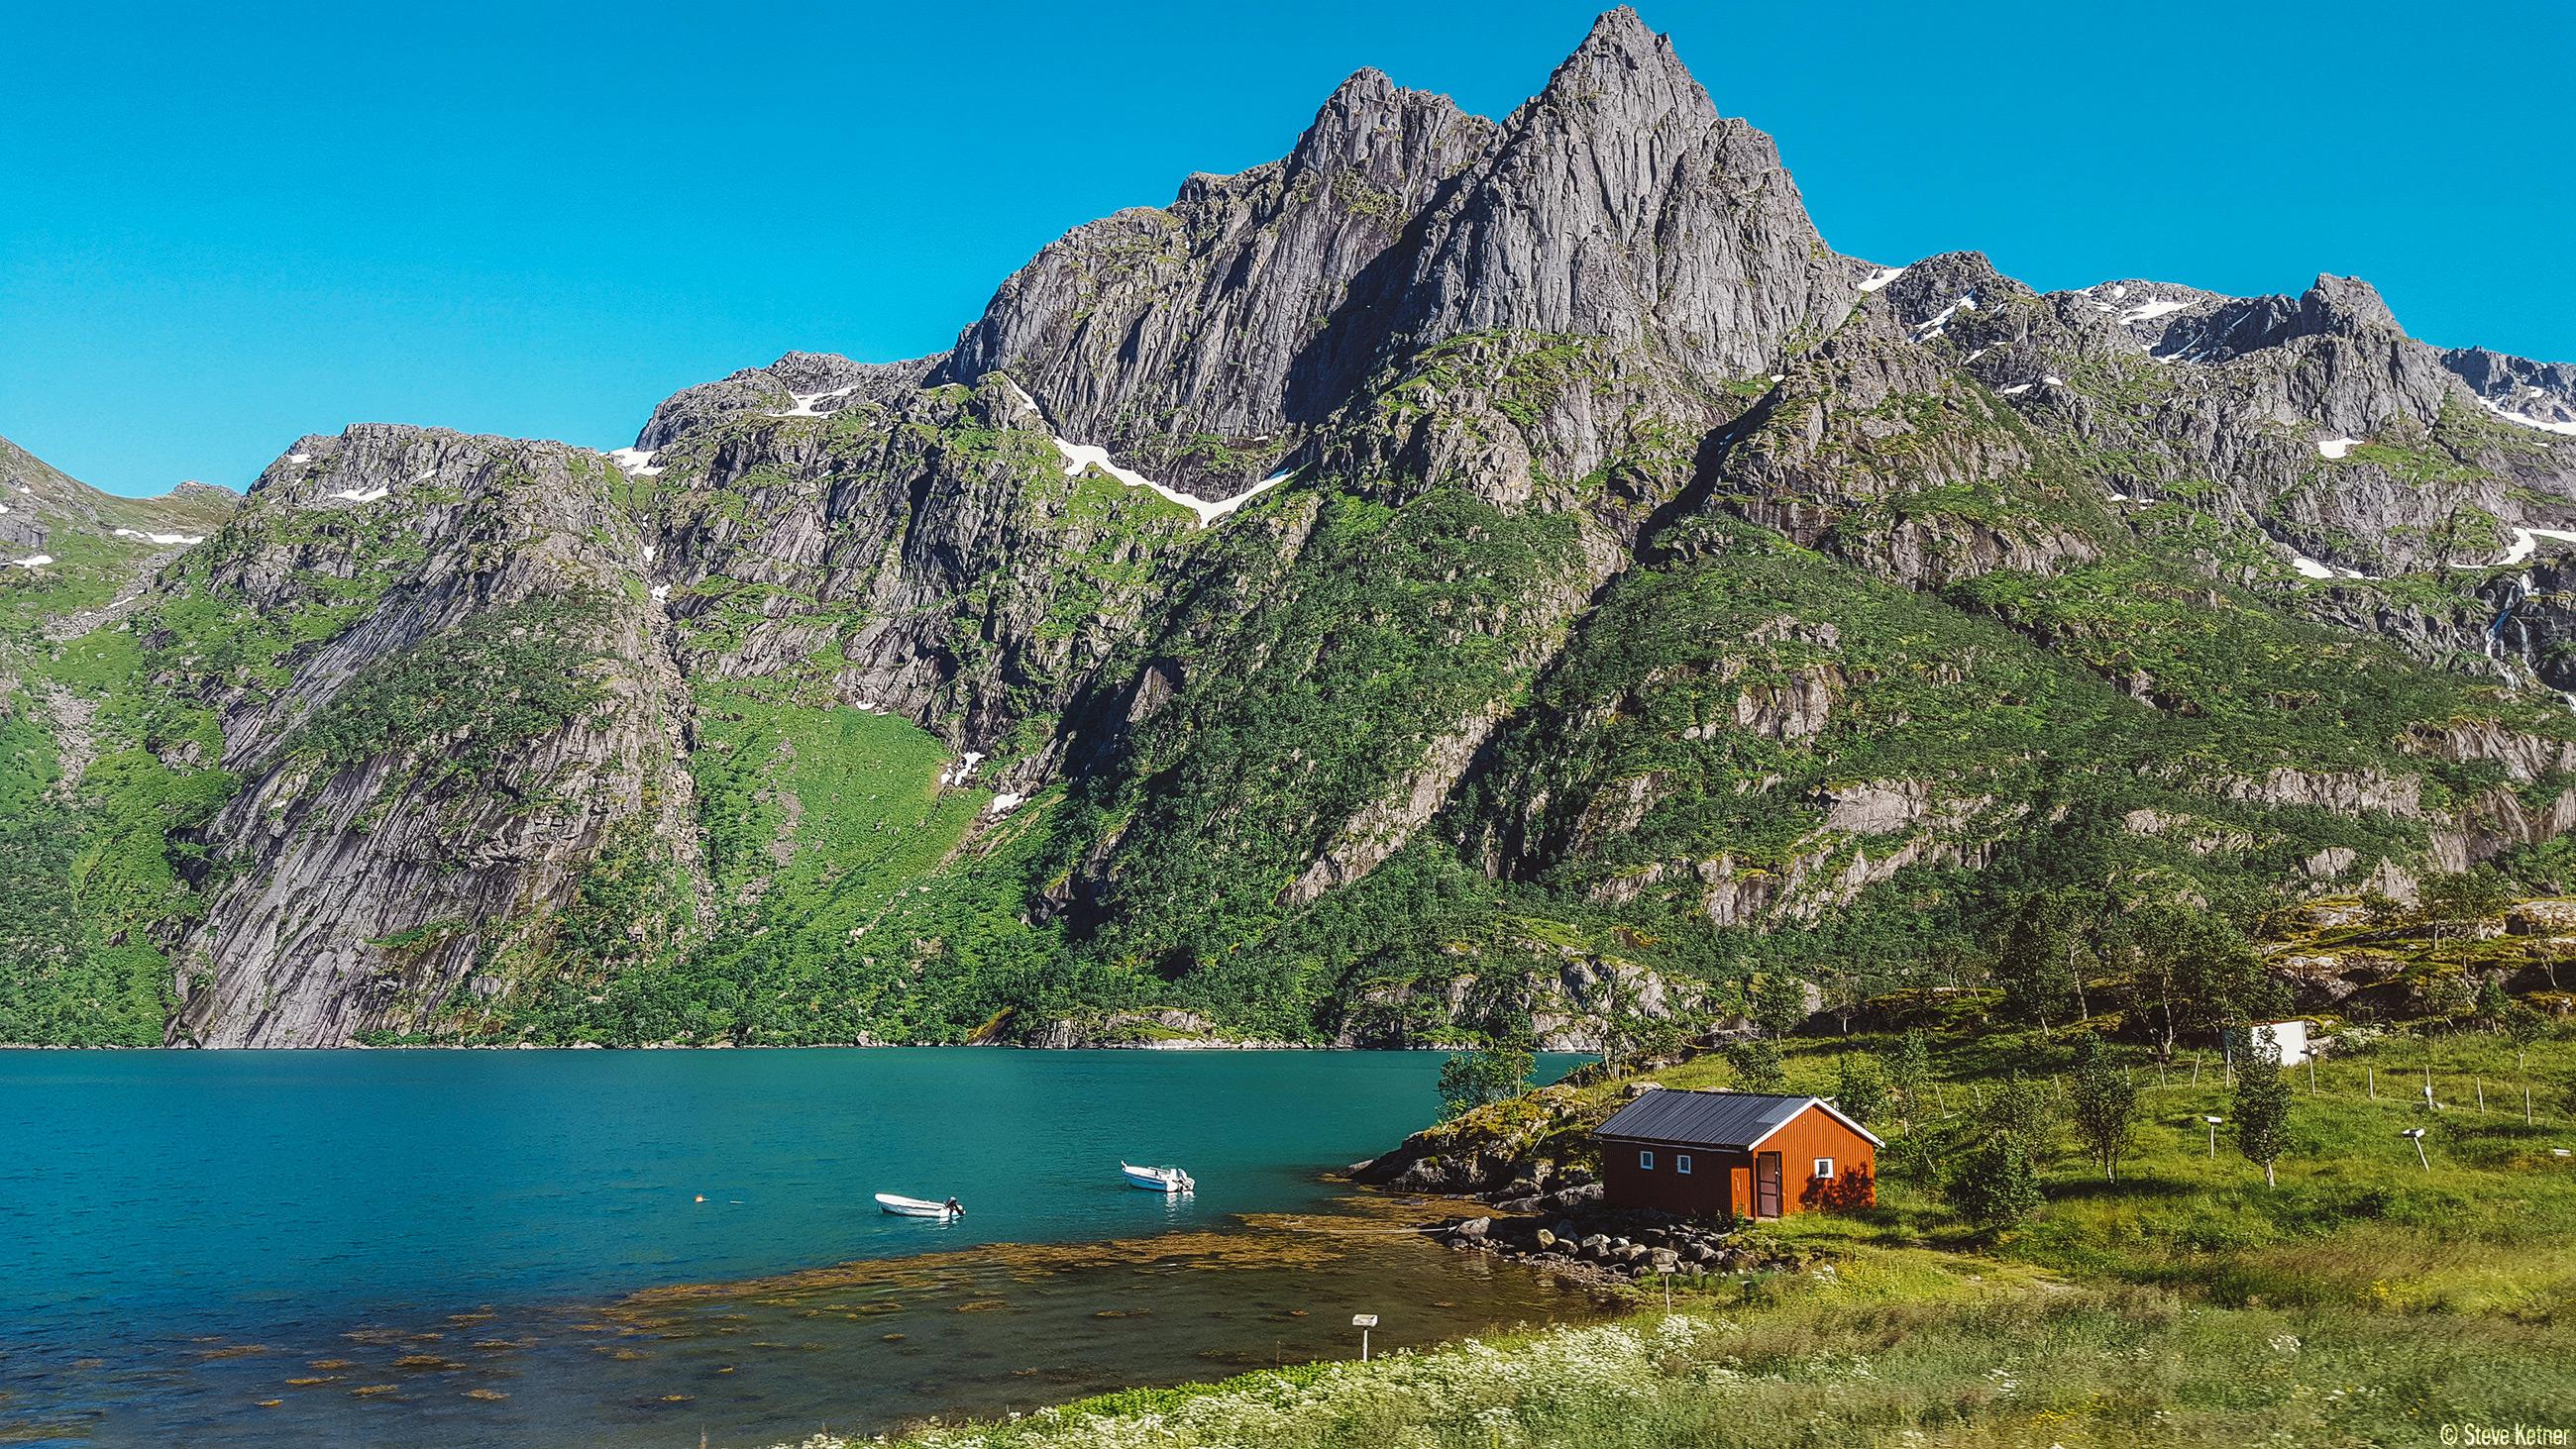 Steve Ketner - Laupstad City - Troms, Norway